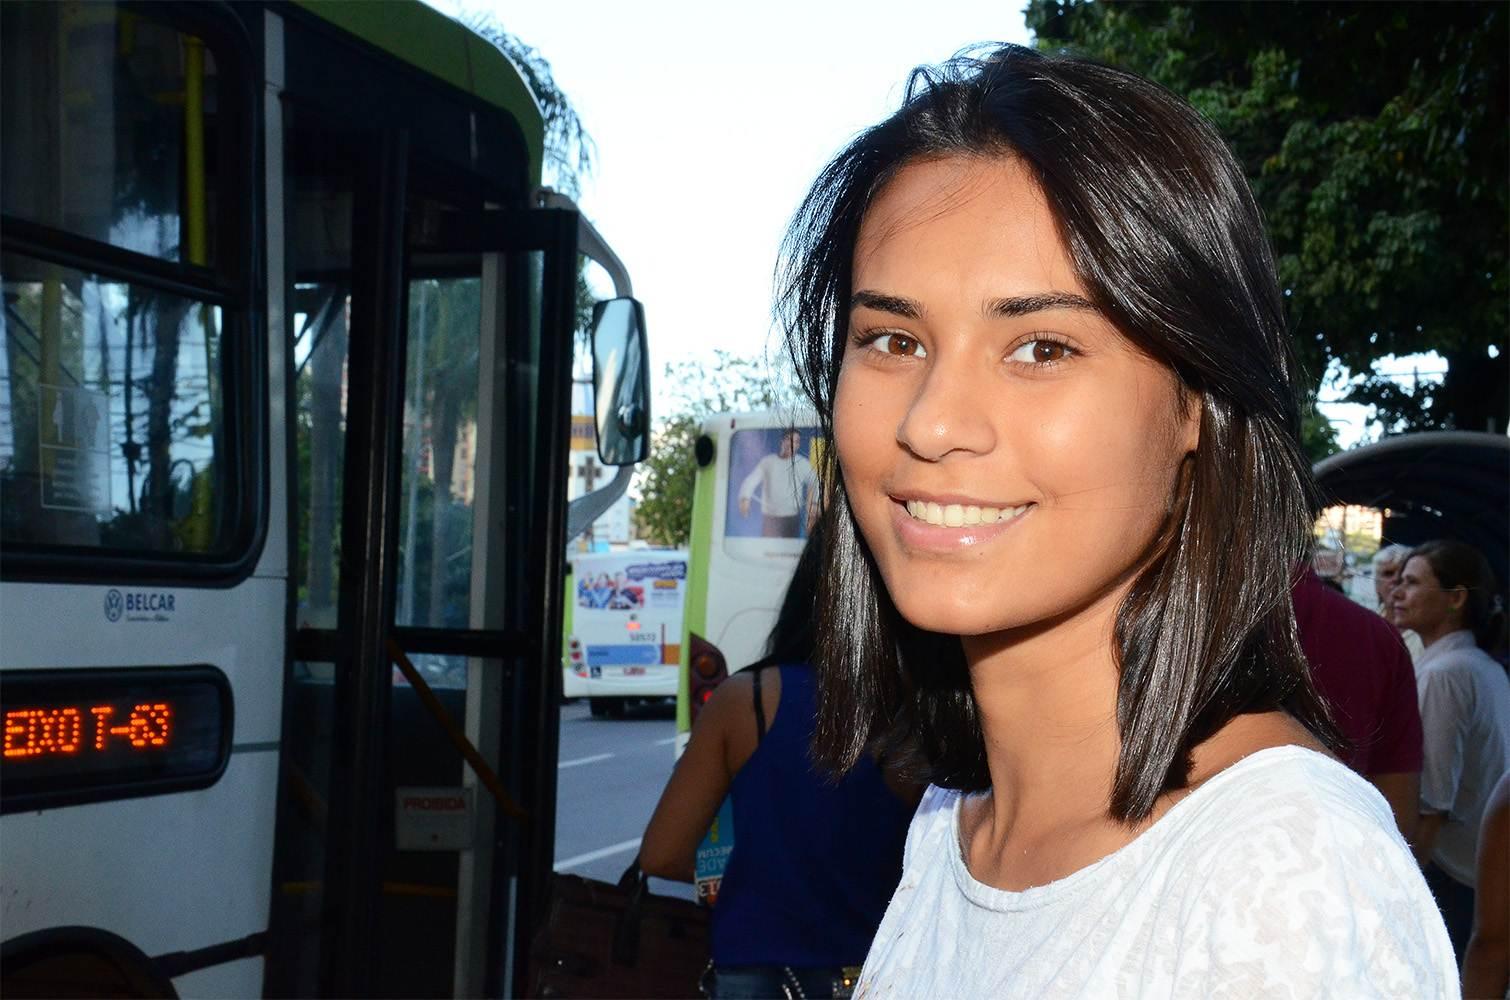 Atenção, estudante: Cadastro do Passe Livre acaba nessa semana | Foto: Mantovani Fernandes